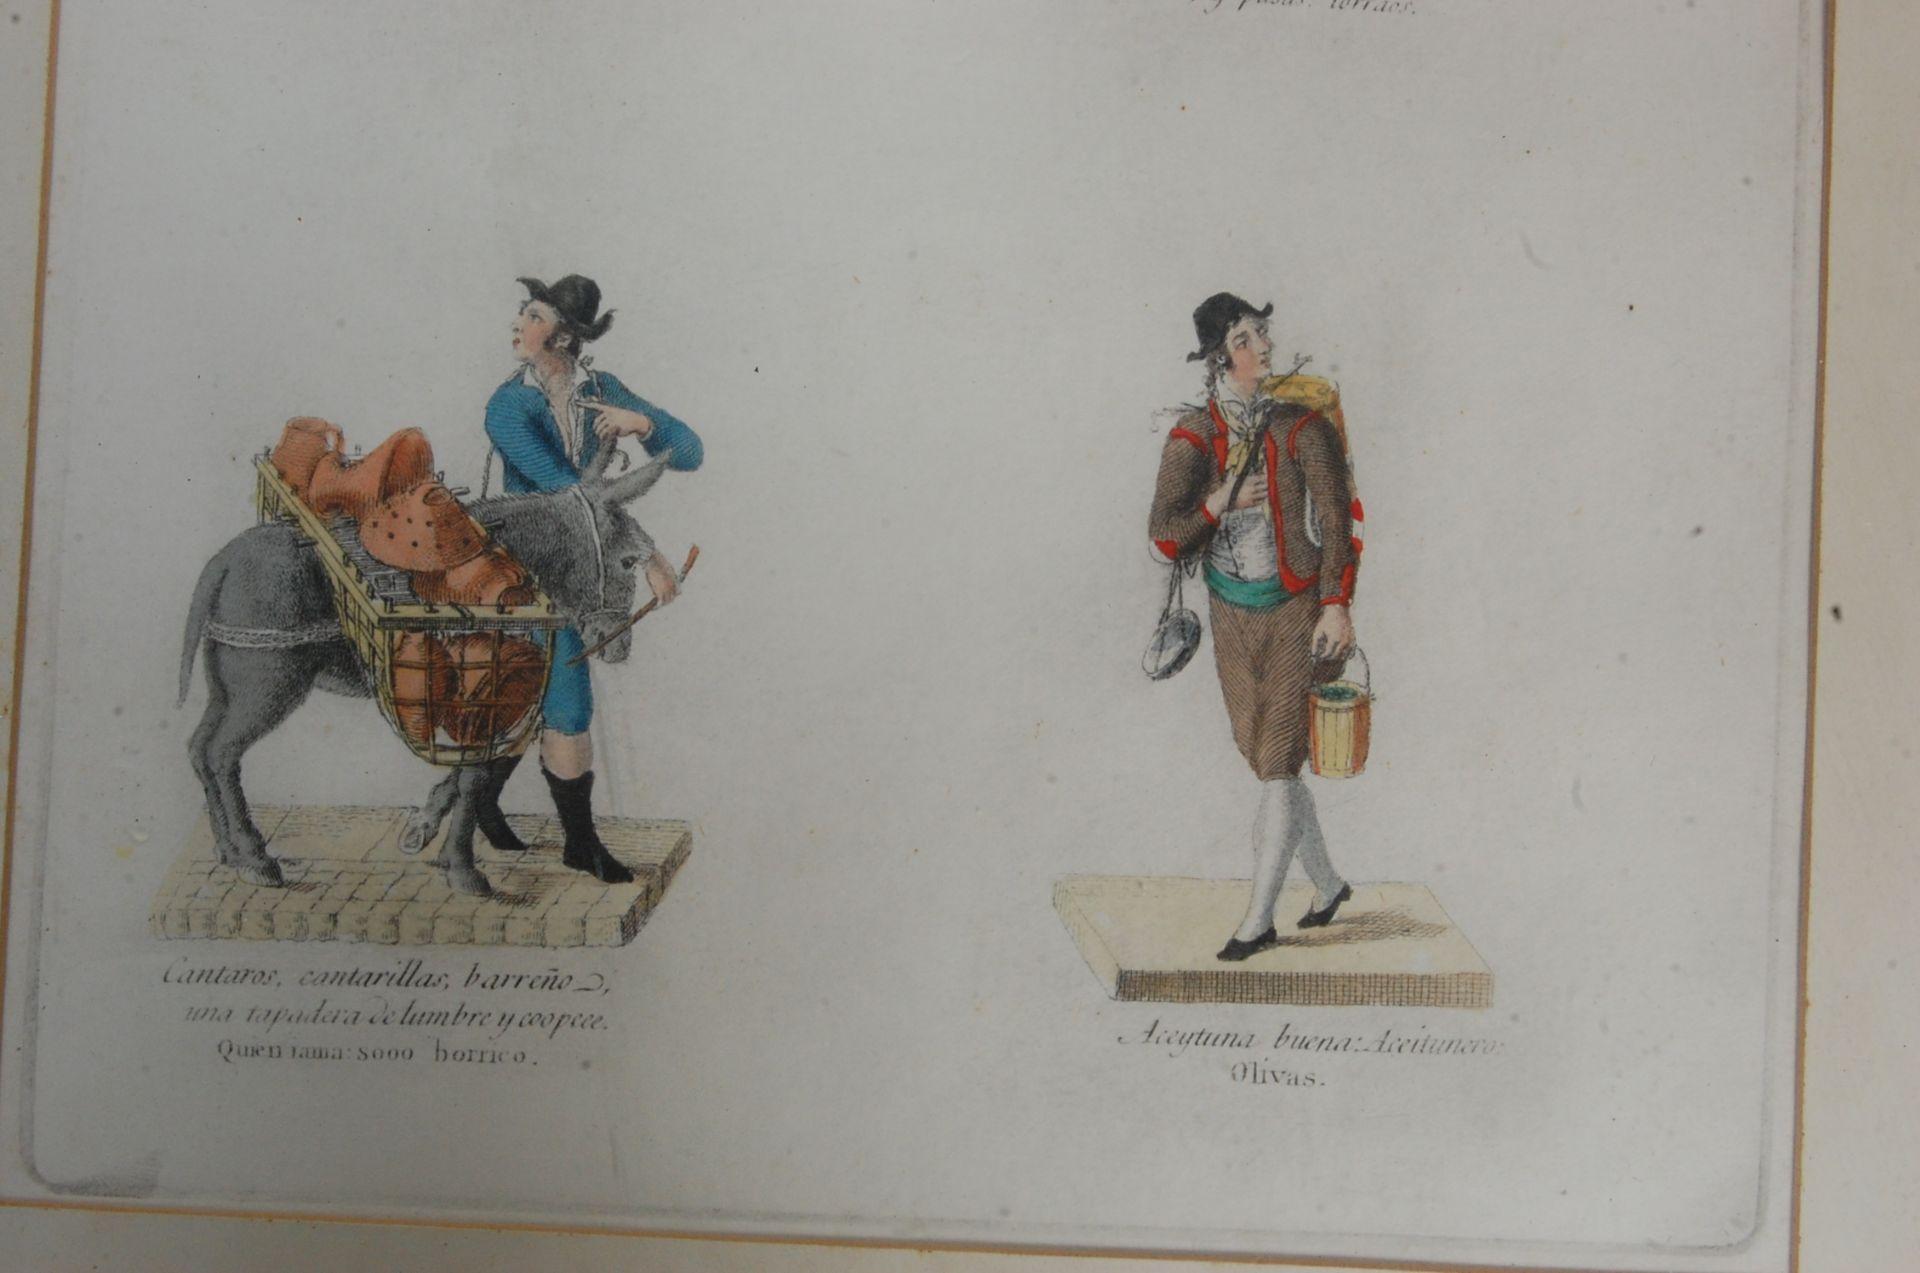 ANTIQUE 19TH CENTURY LITHOGRAPHS PEINTS / ETCHING PLATES - Bild 9 aus 16